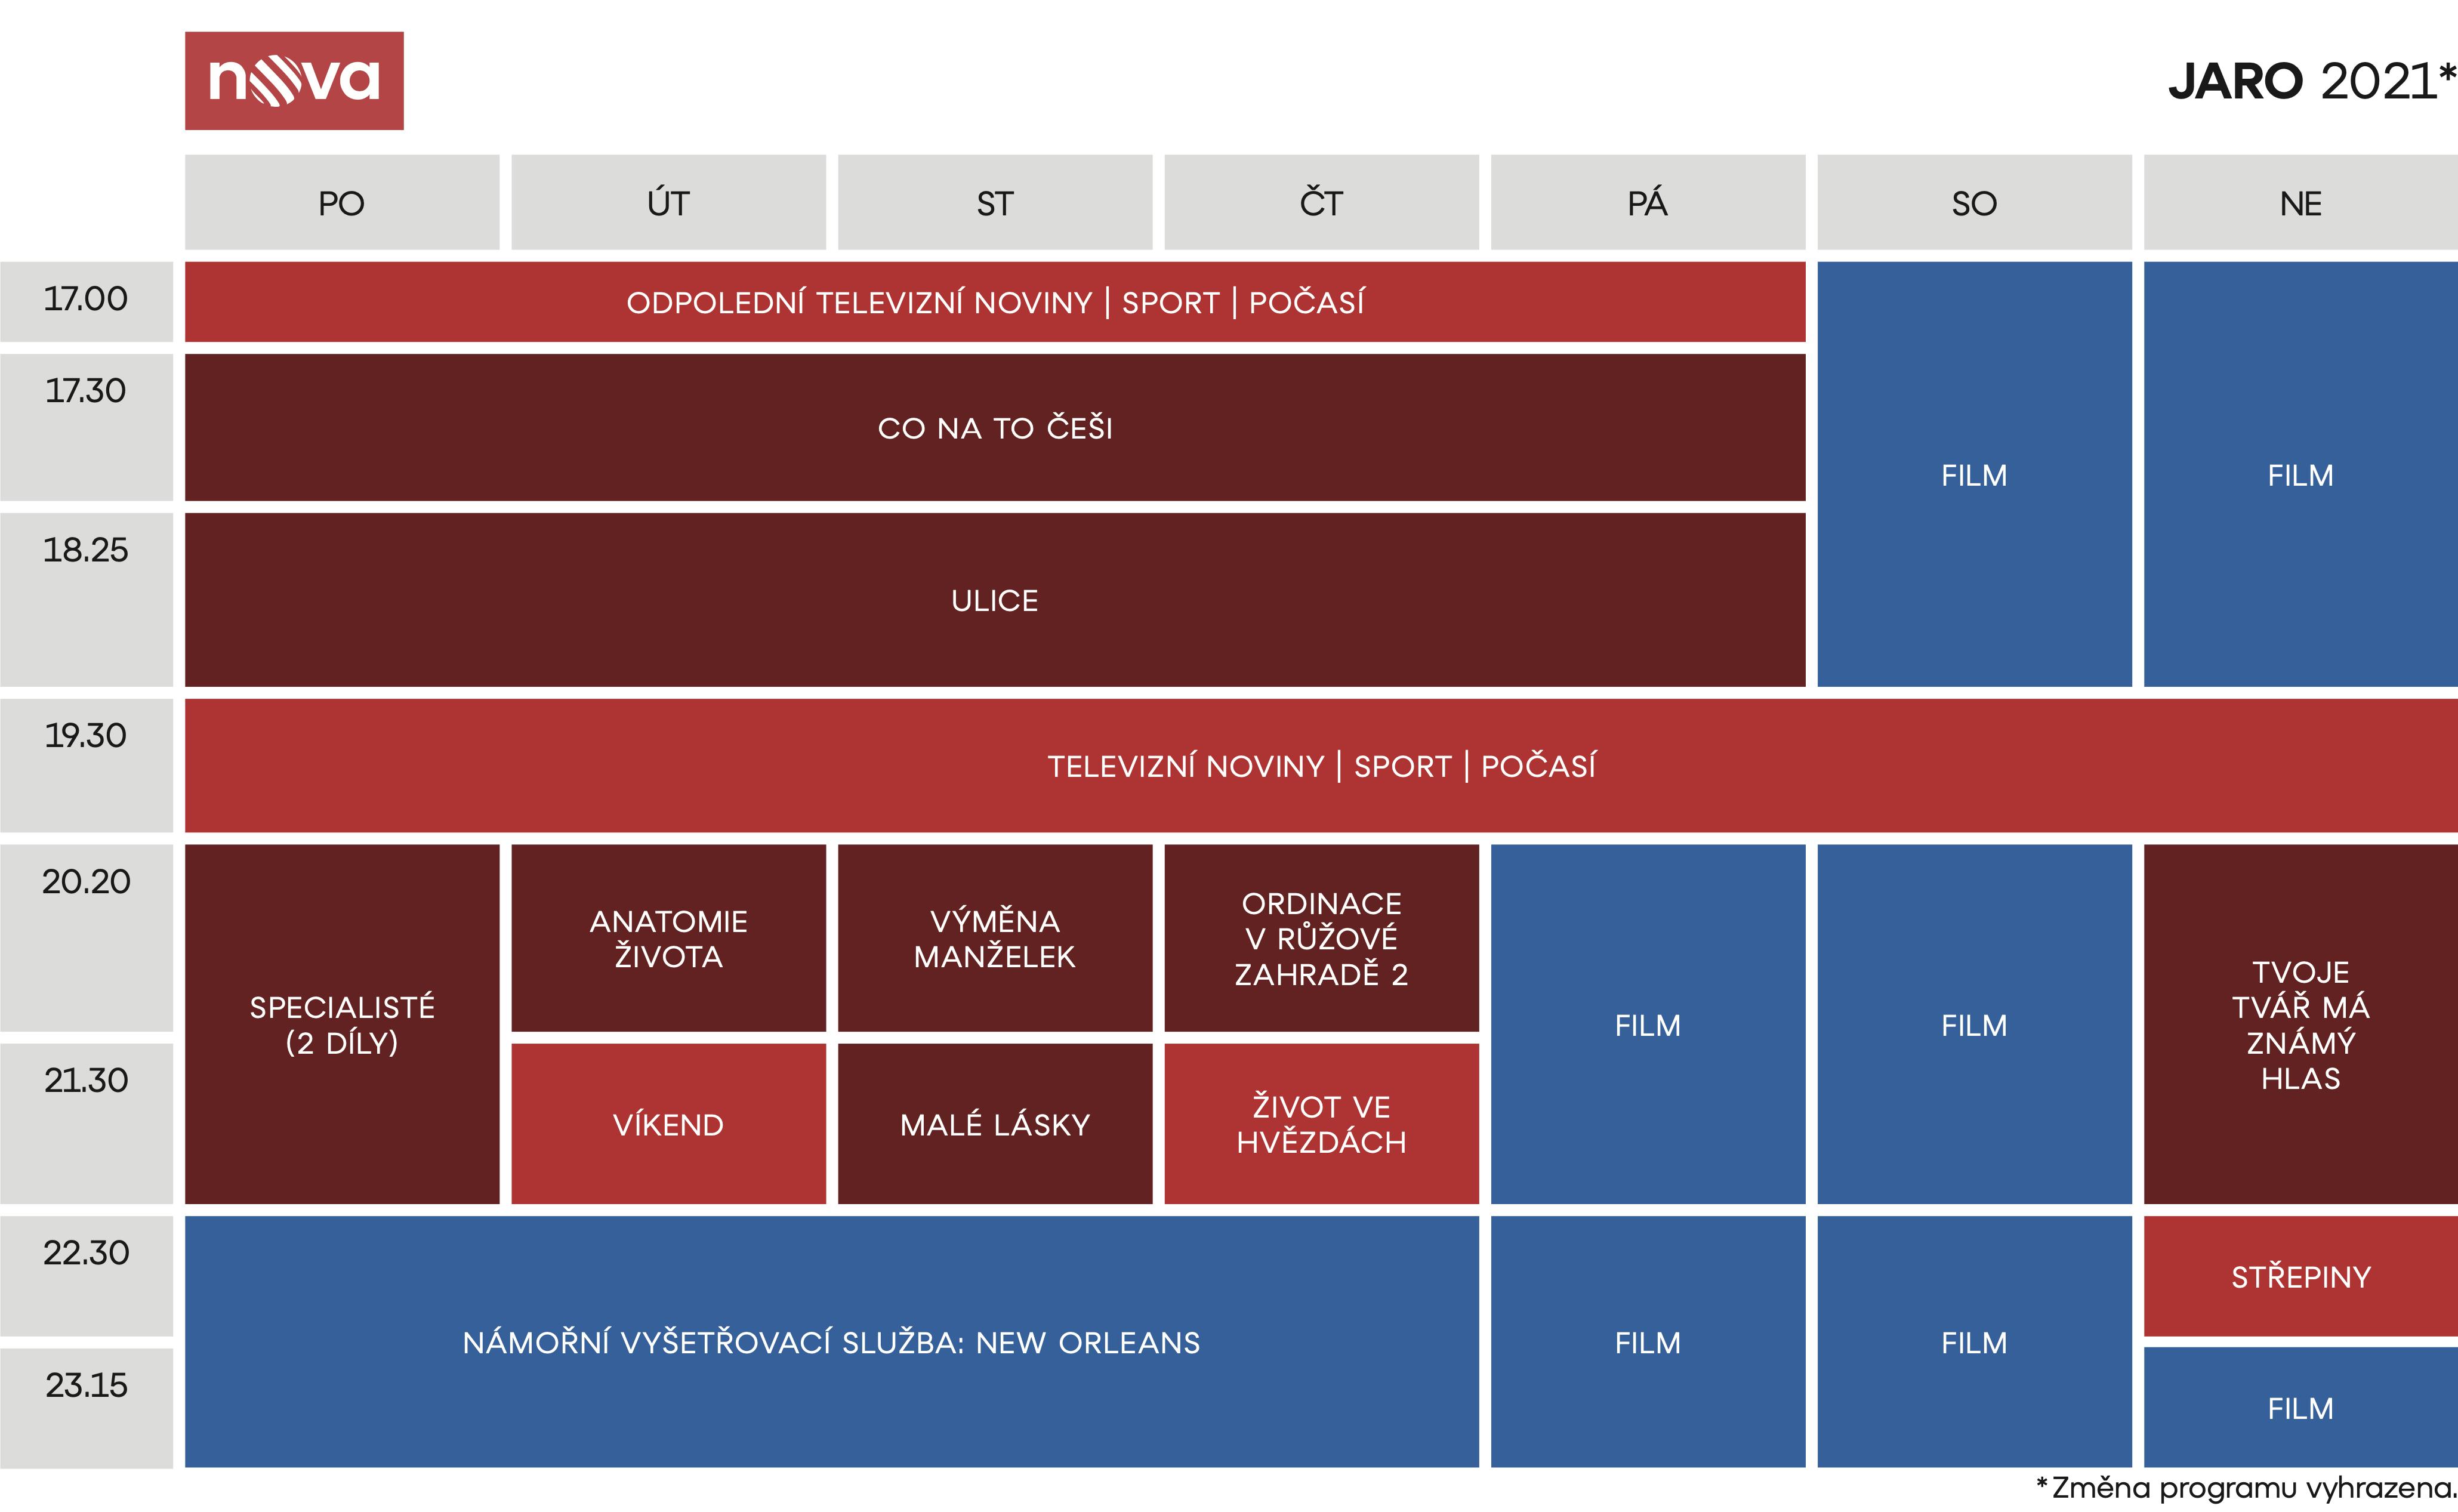 Programové schéma hlavního kanálu Novy na jaro 2021